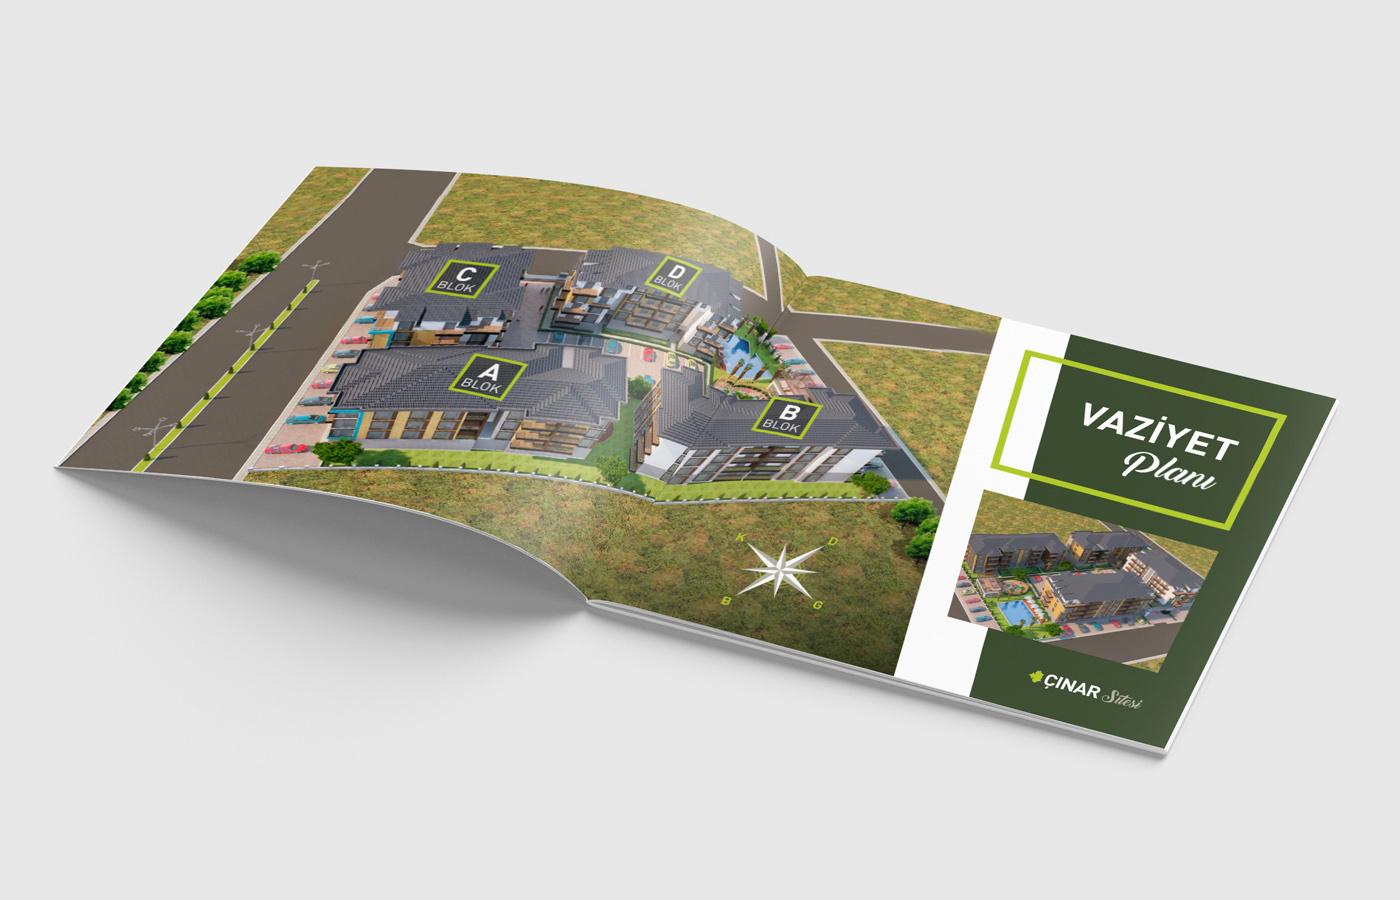 baskı dura yapı inşaat katalog ofset Plan proje site tasarım